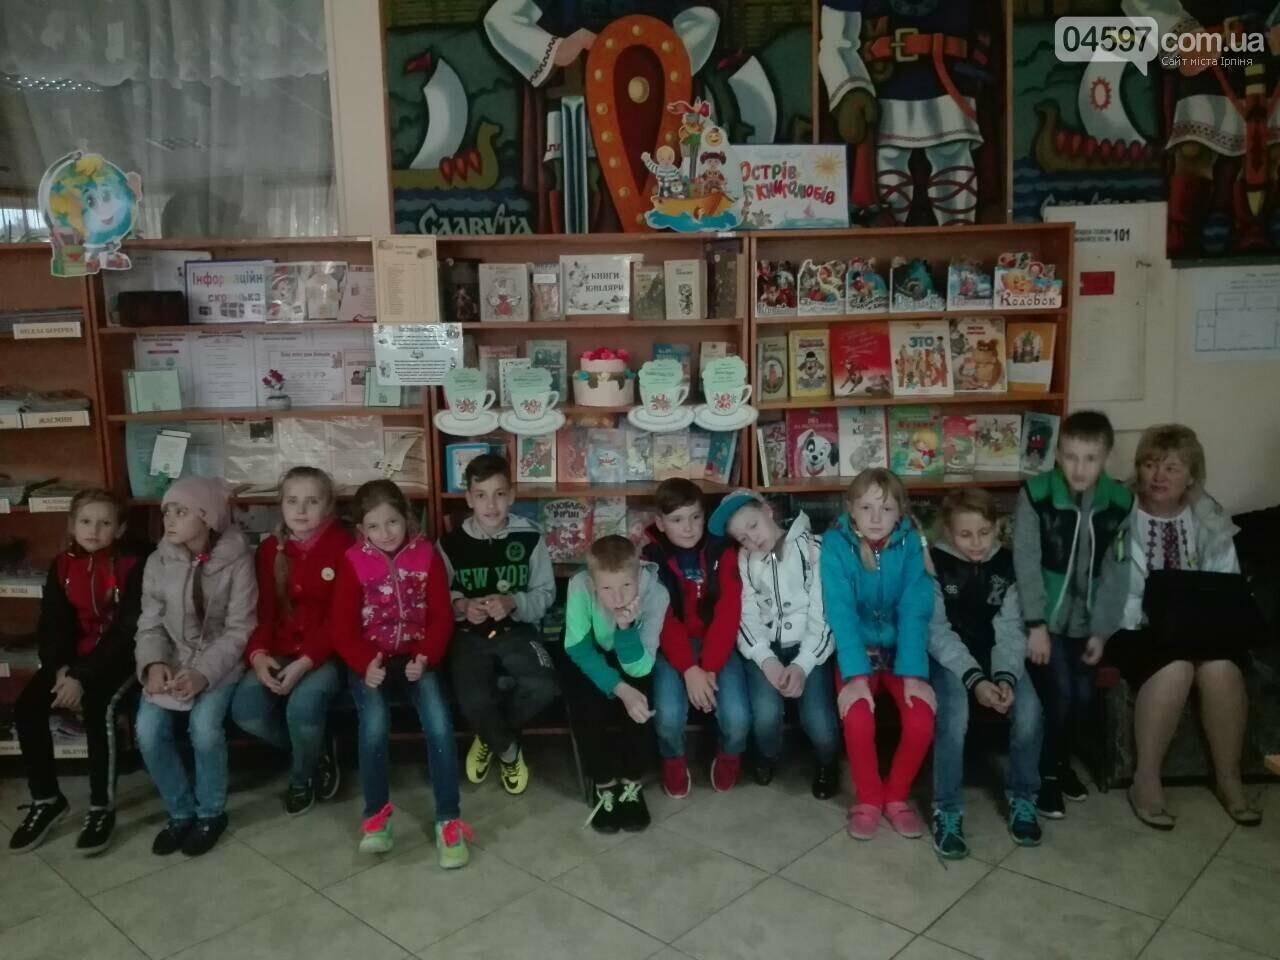 Діти з Донбасу відвідали Ірпінь, фото-1